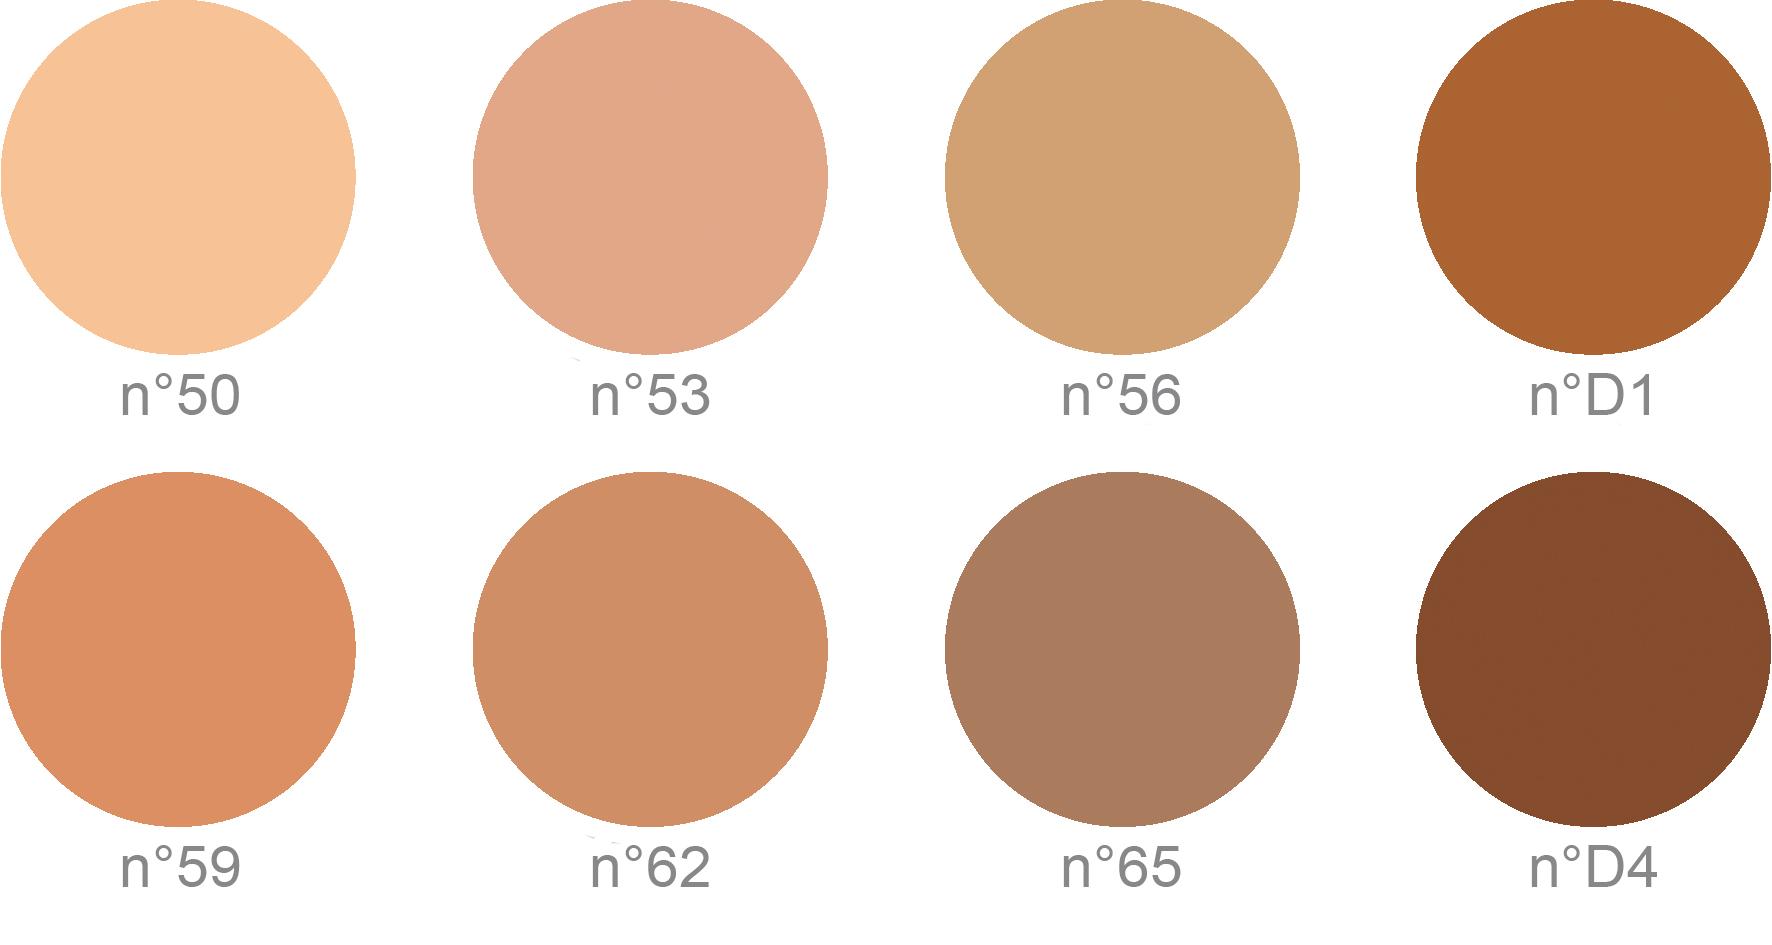 La gamme complète des maquillages correcteurs Covermark